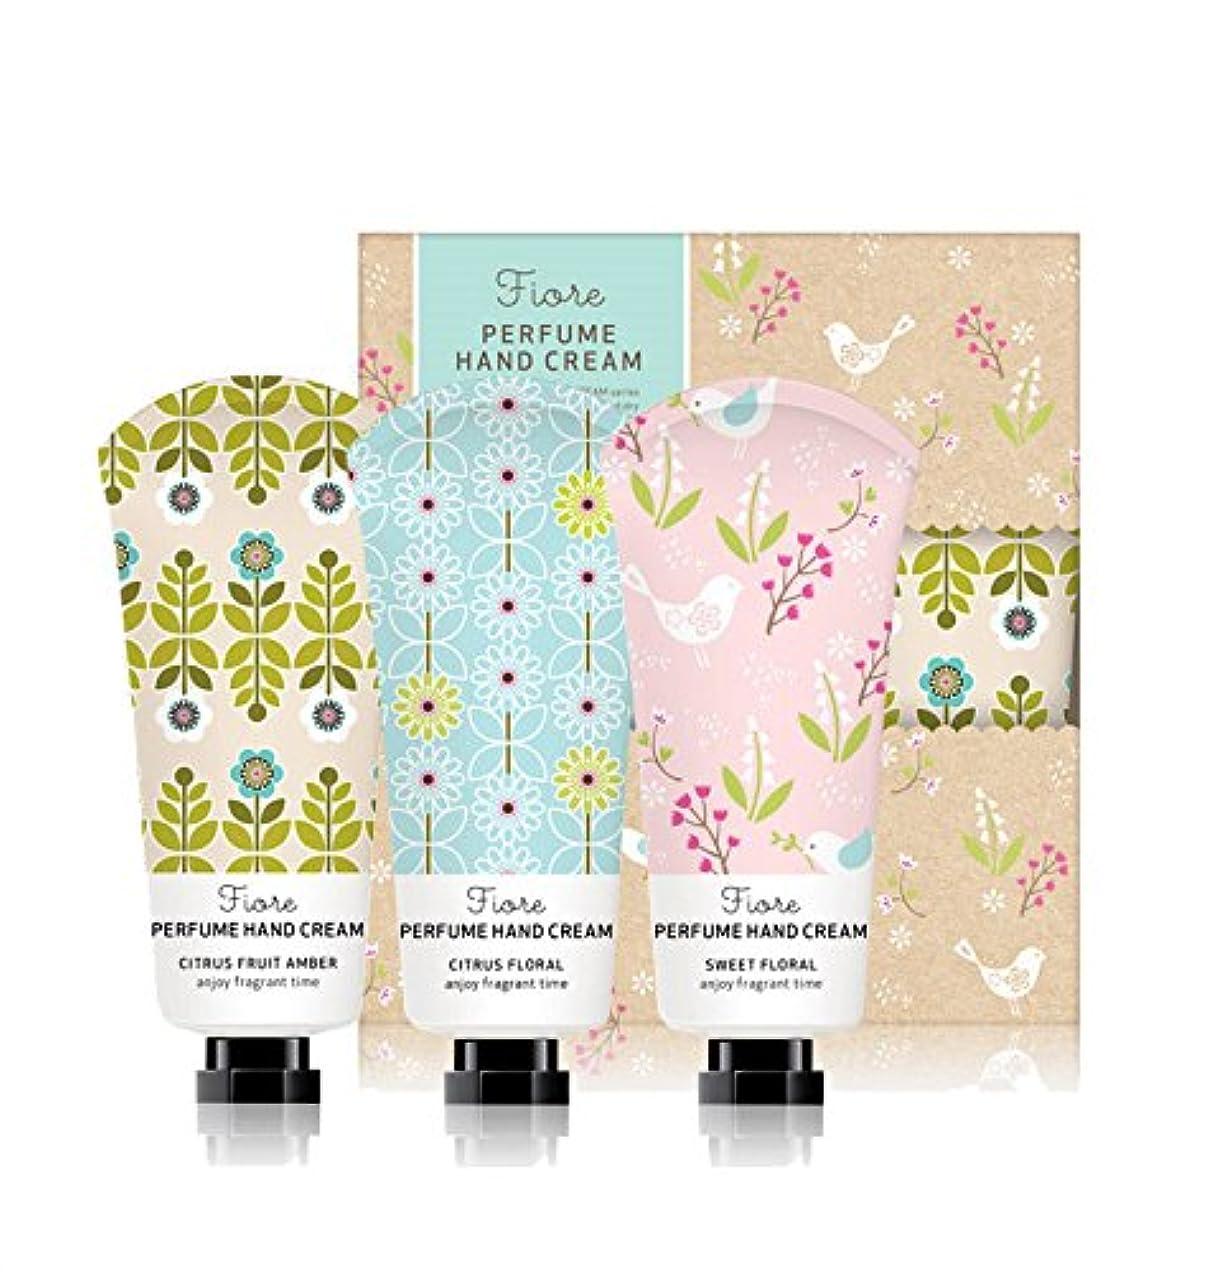 借りる乱暴なバトル[Fiore★ギフト用紙袋贈呈] パフュームハンドクリーム?スペシャルセット 60g x 3個セット / Perfume Hand Cream Specail Set